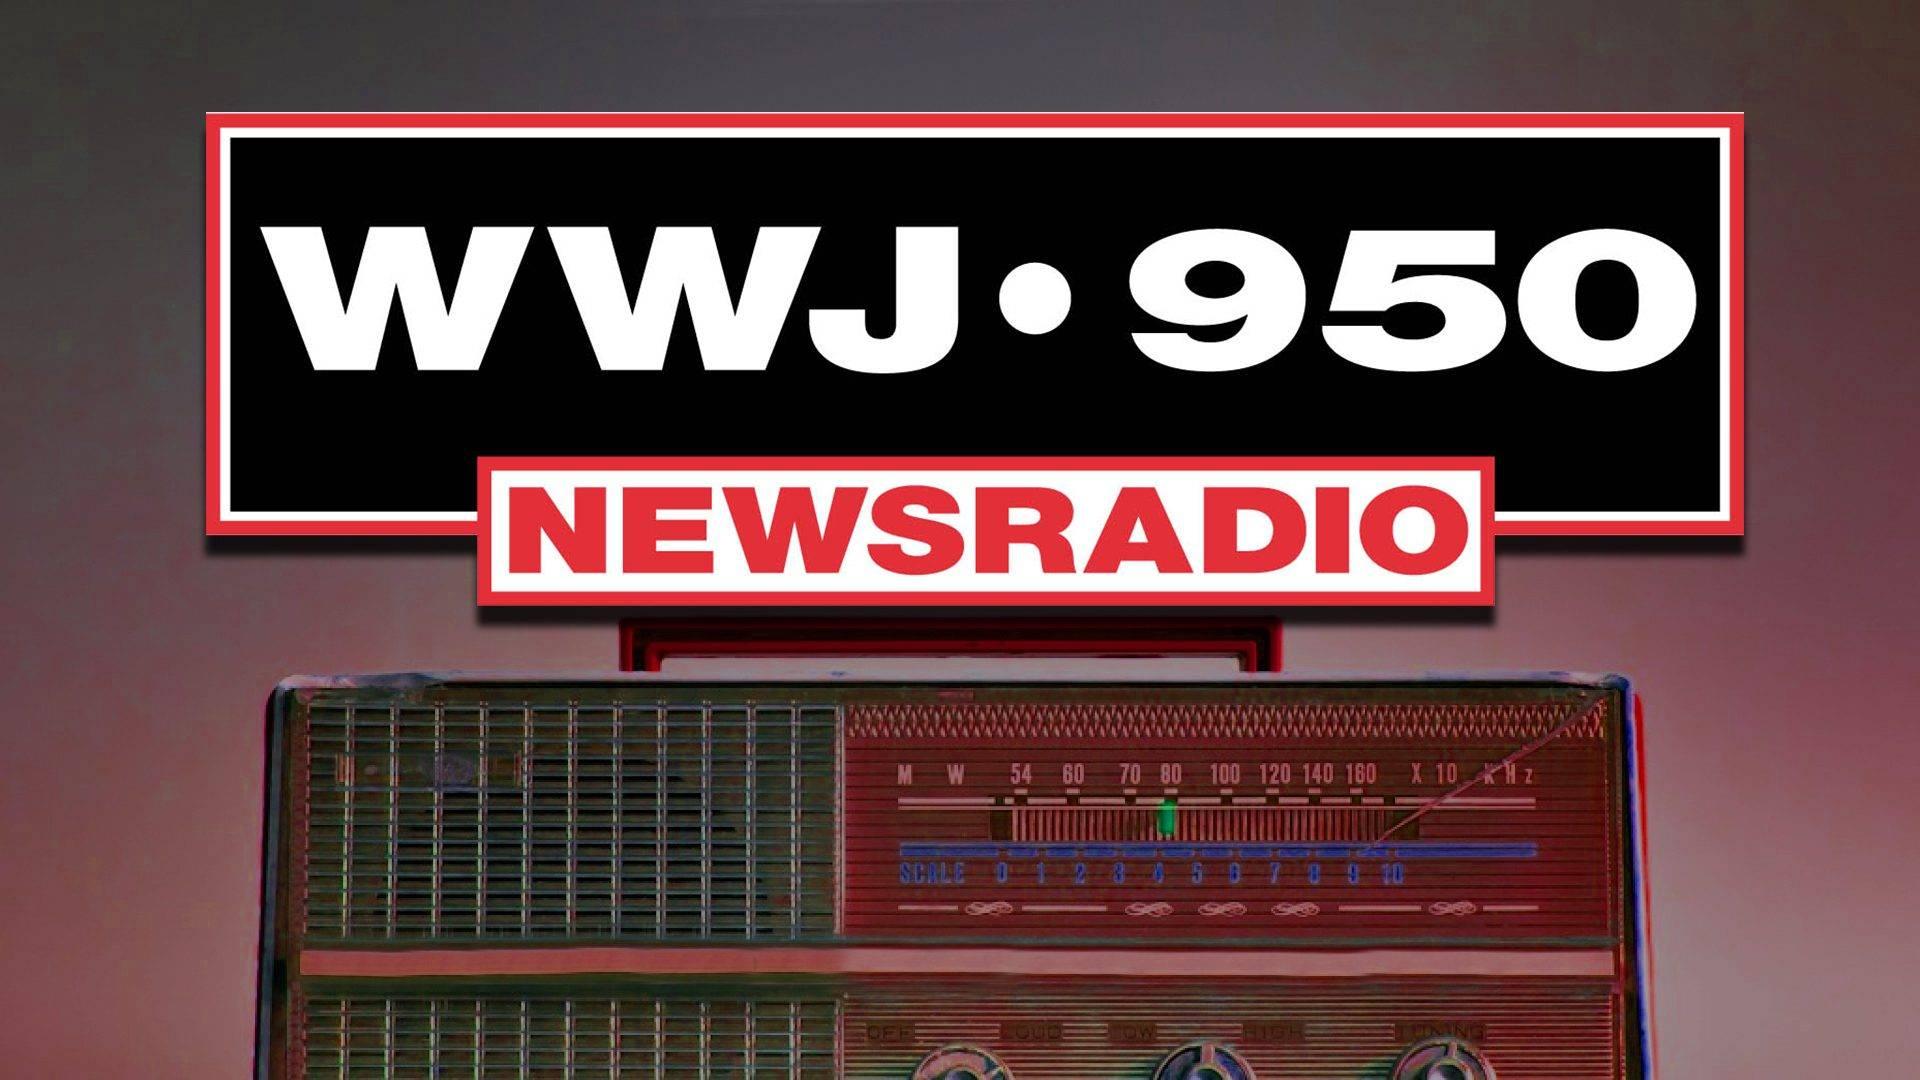 WWJ 950 News Radio